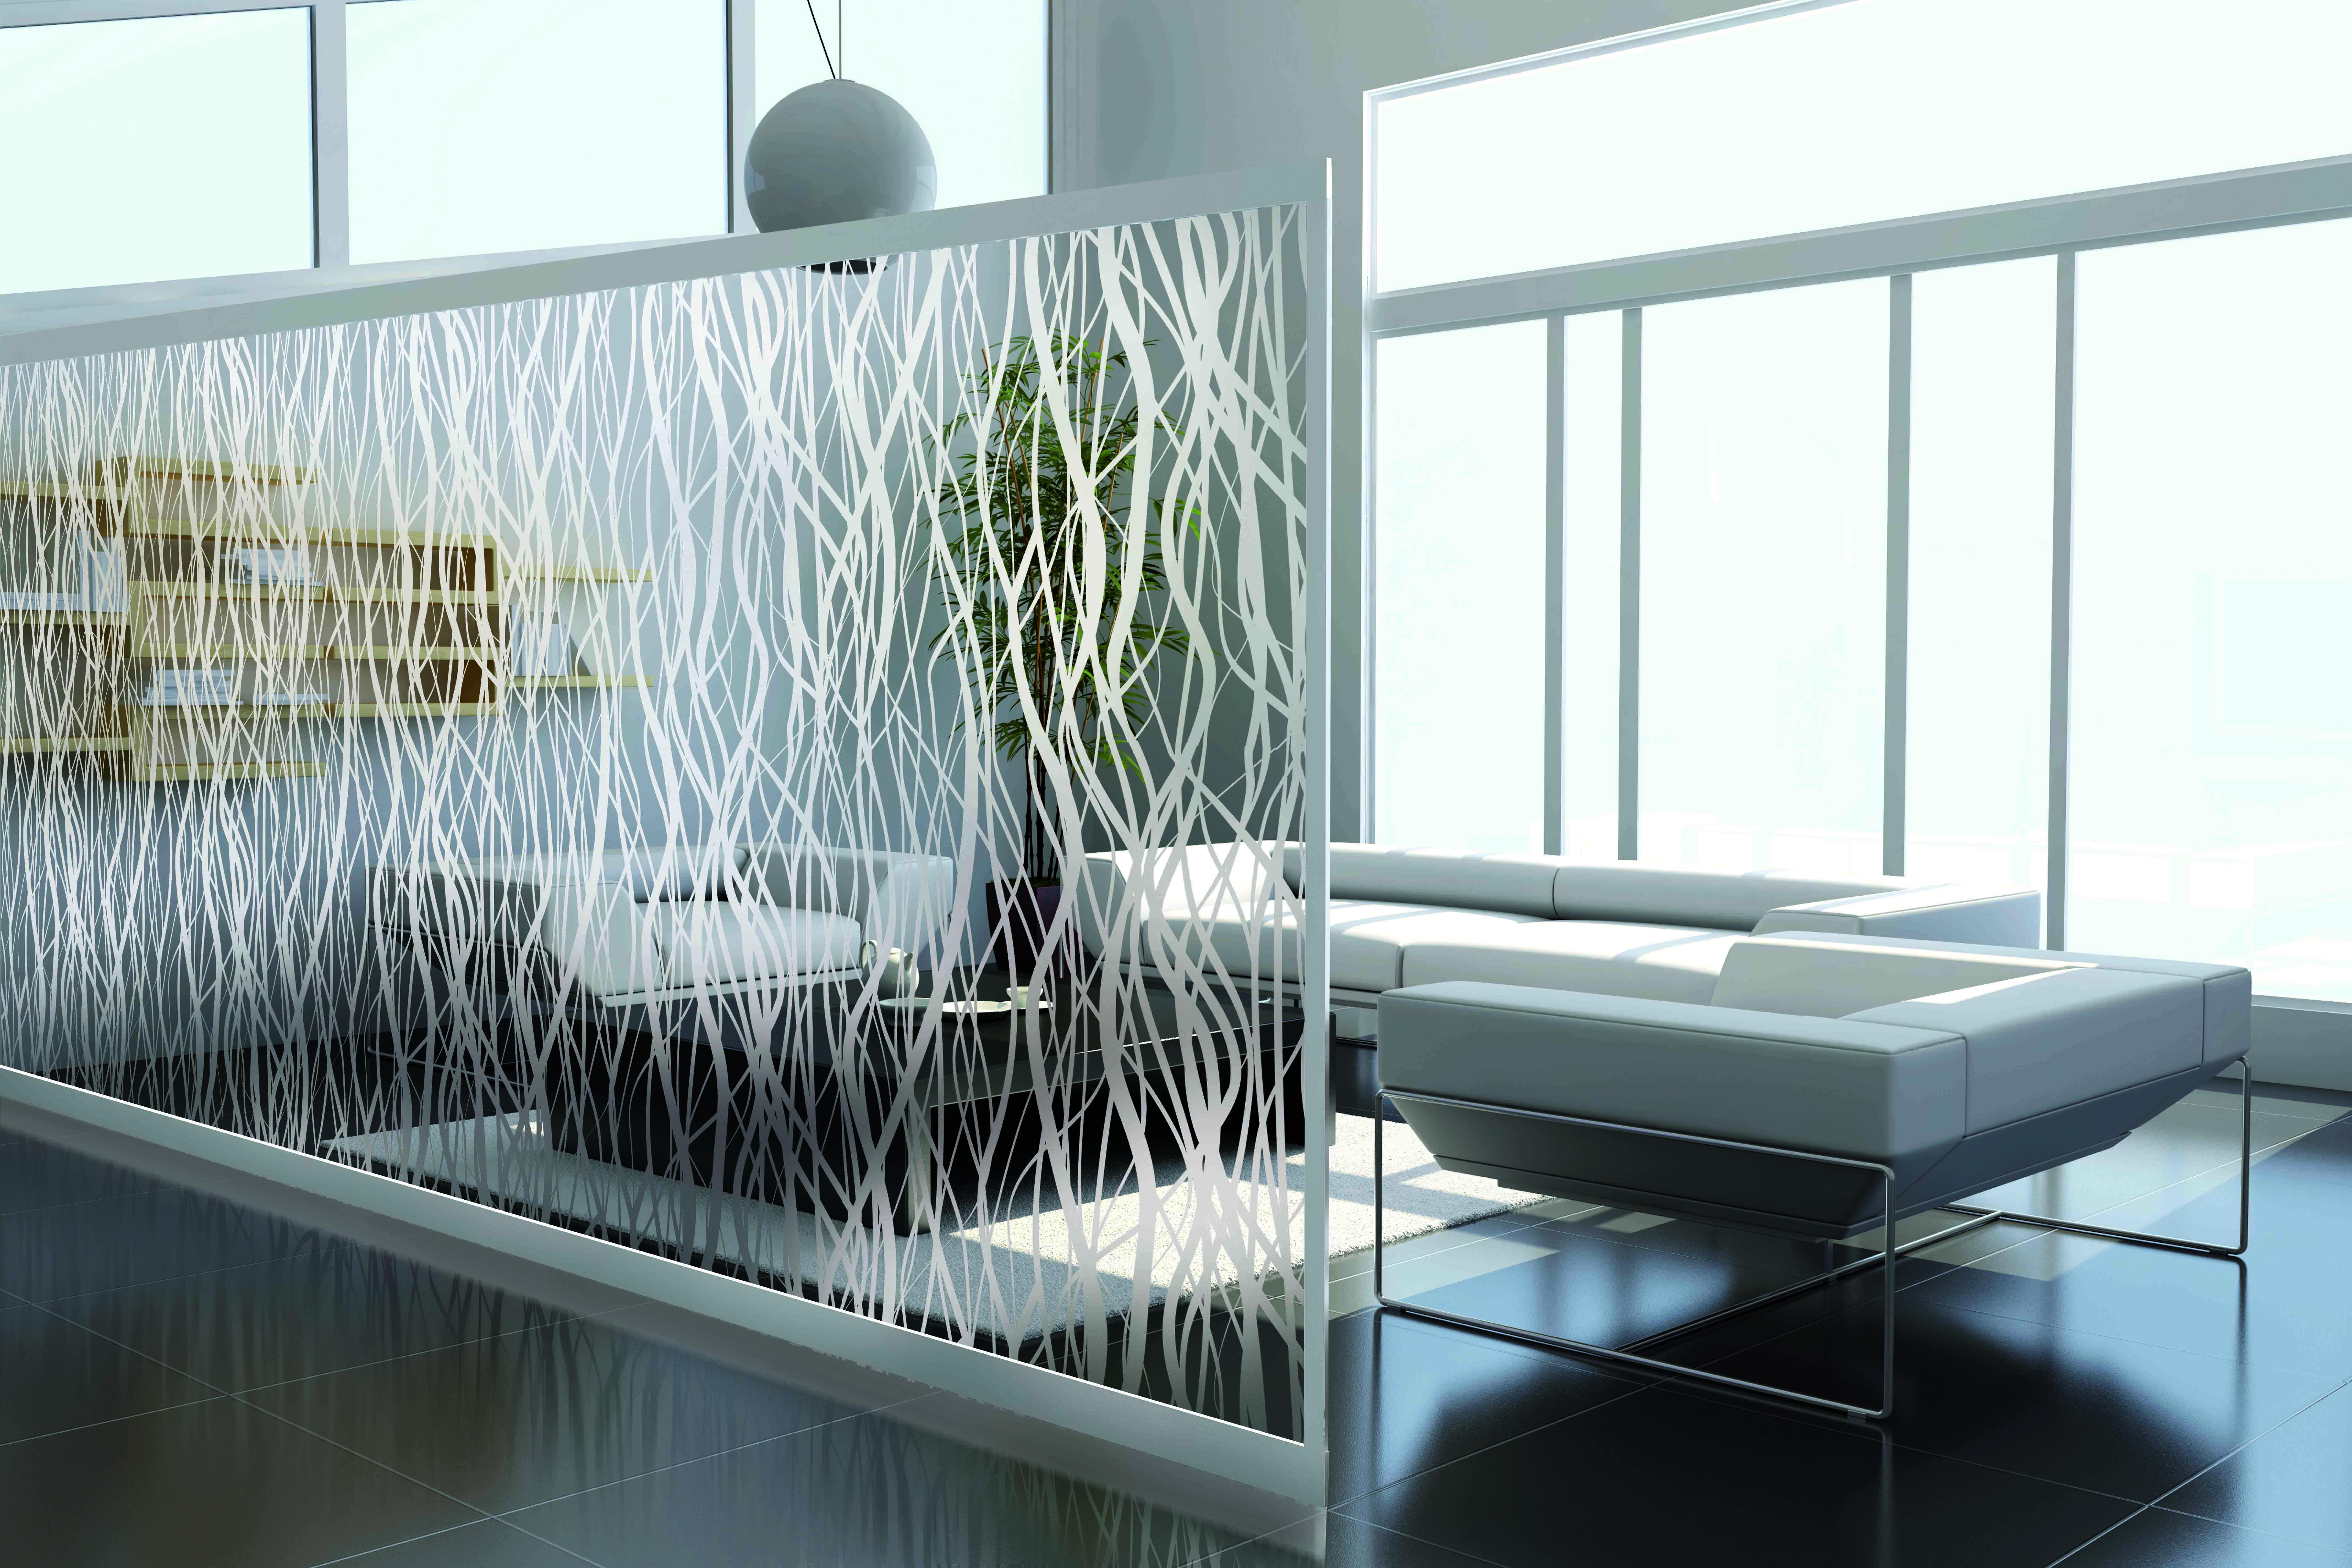 r flectiv adhesivos decorativos para vidrio escaparate del dise o. Black Bedroom Furniture Sets. Home Design Ideas